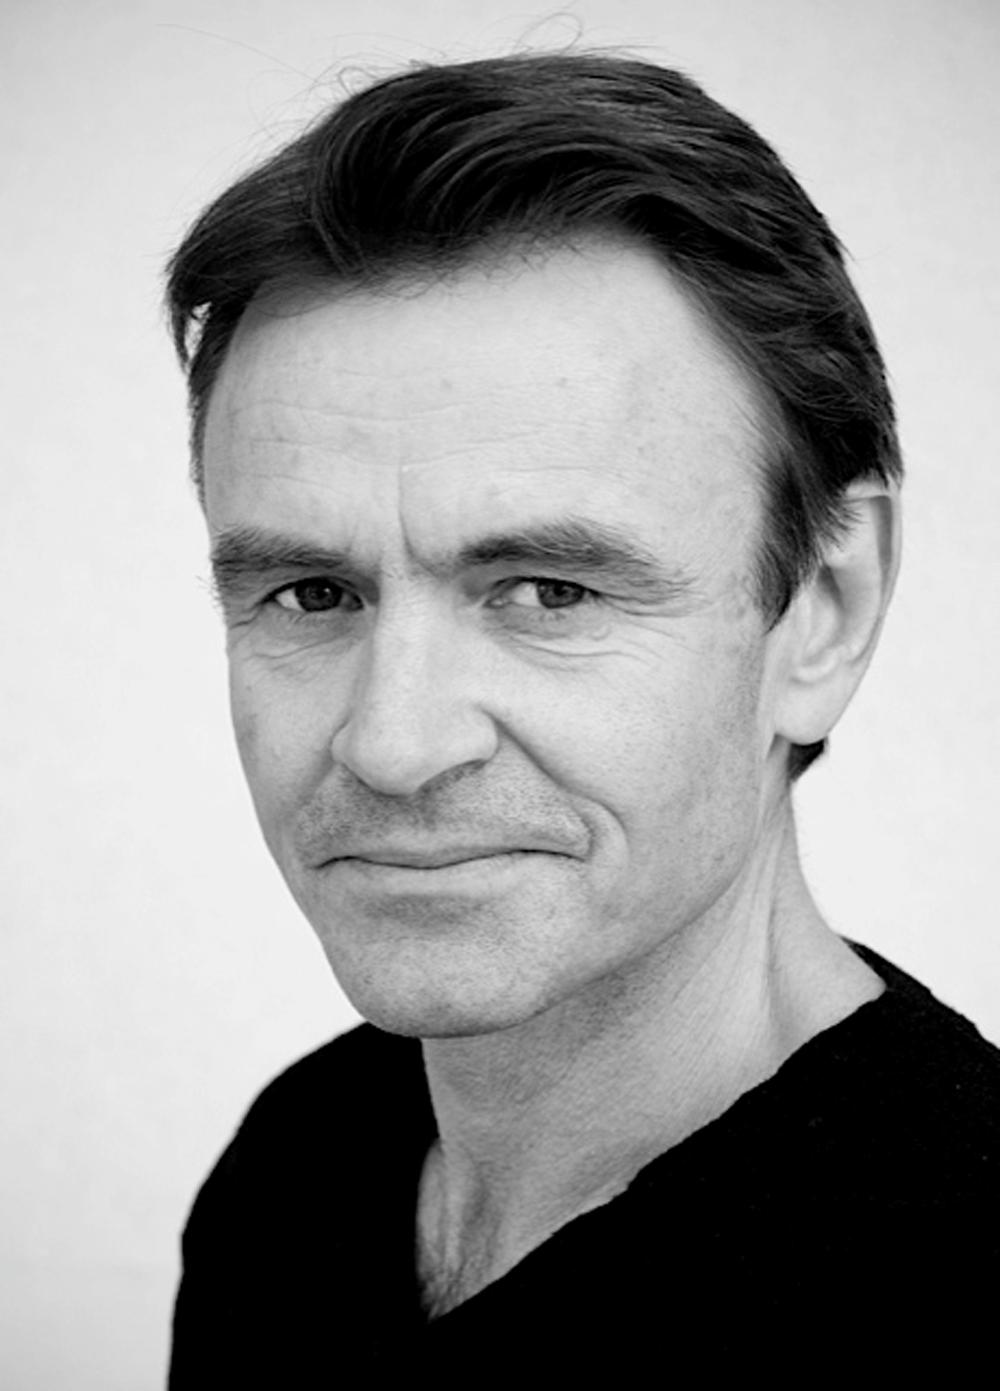 Lasse Kolsrud har helt siden starten av Christianus Sextus-oppsetningene vært forestillingens kunstneriske leder og profesjonelle ressurs. I år er han regissør, og vi møter ham også som artist.